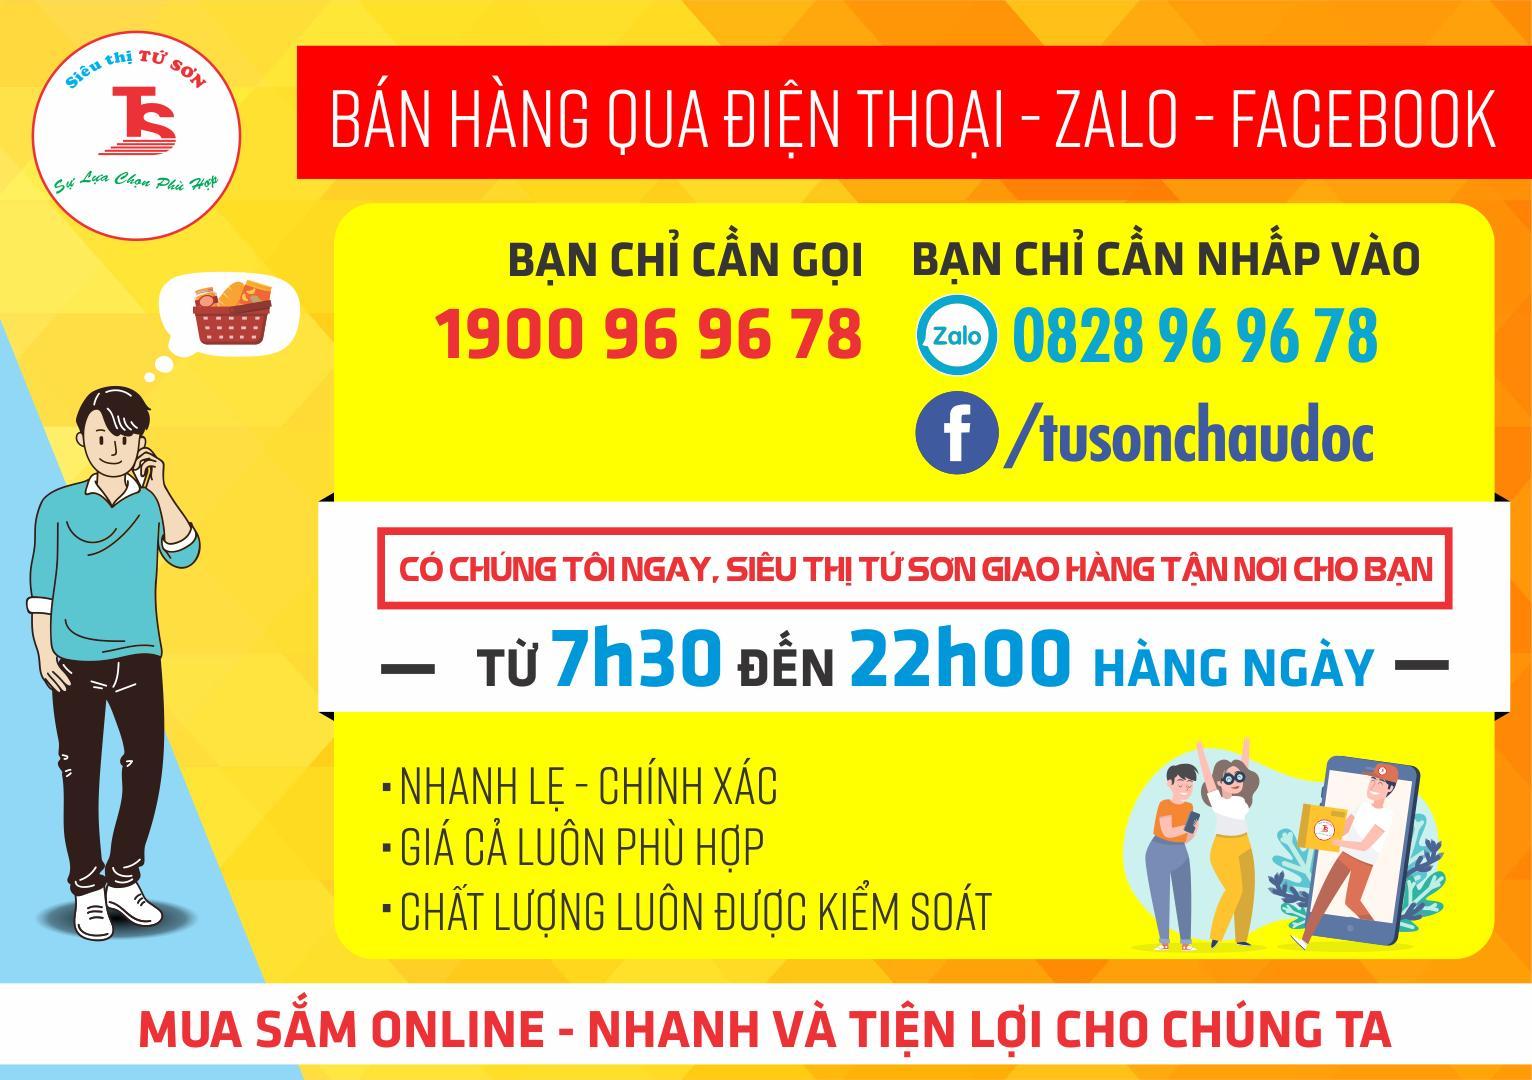 sieu-thi-tu-son-ban-hang-qua-dien-thoai-zalo-facebook-va-giao-hang-mien-phi